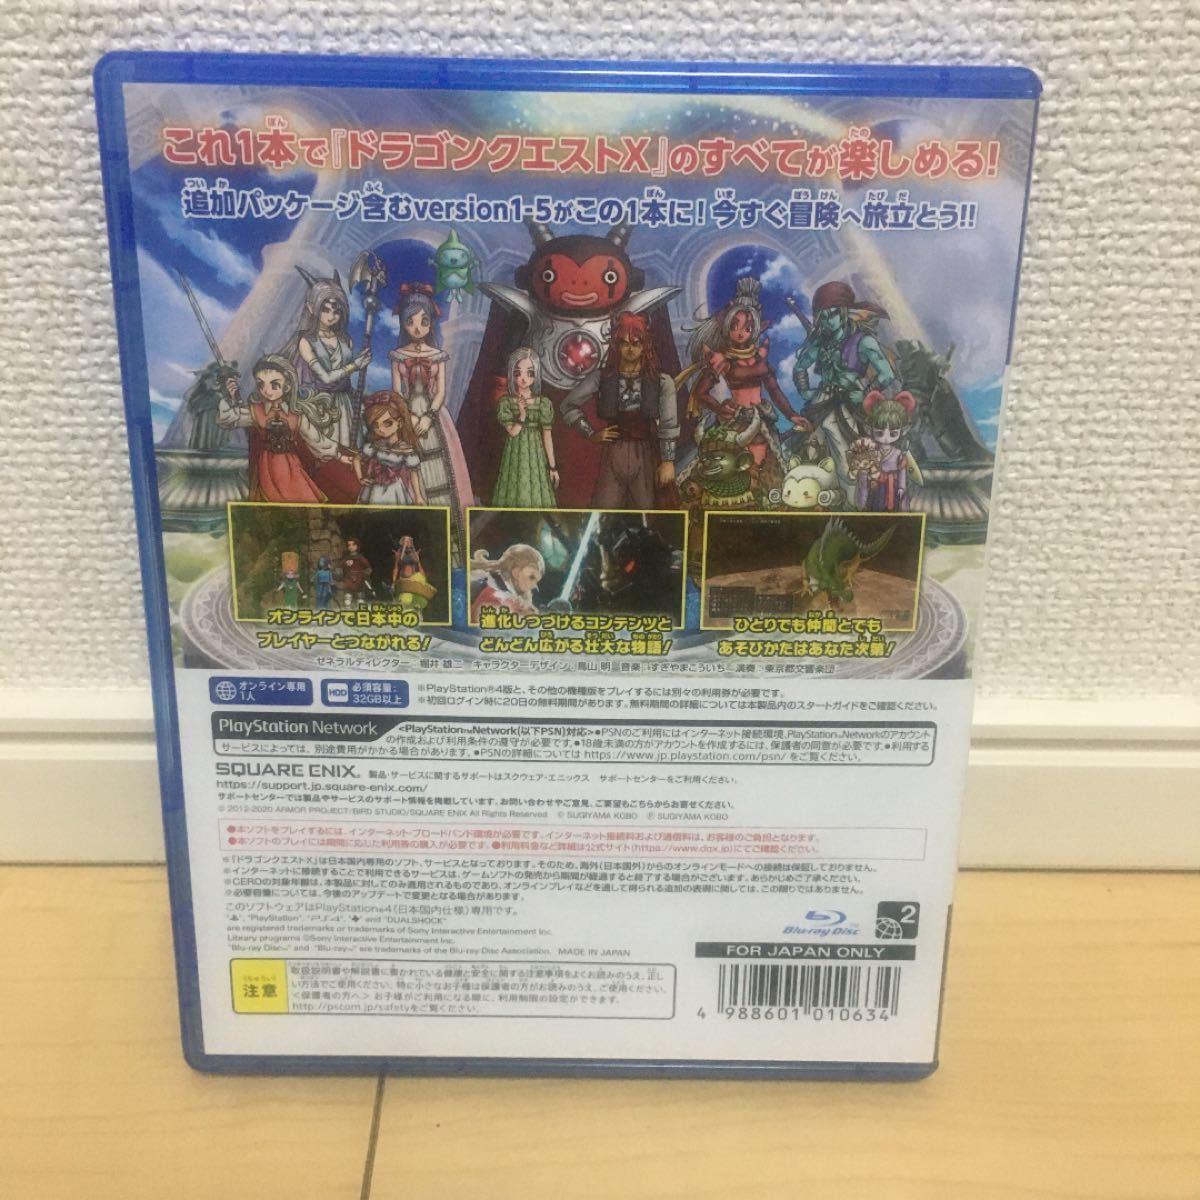 PS4ドラゴンクエストX オールインワンパッケージ